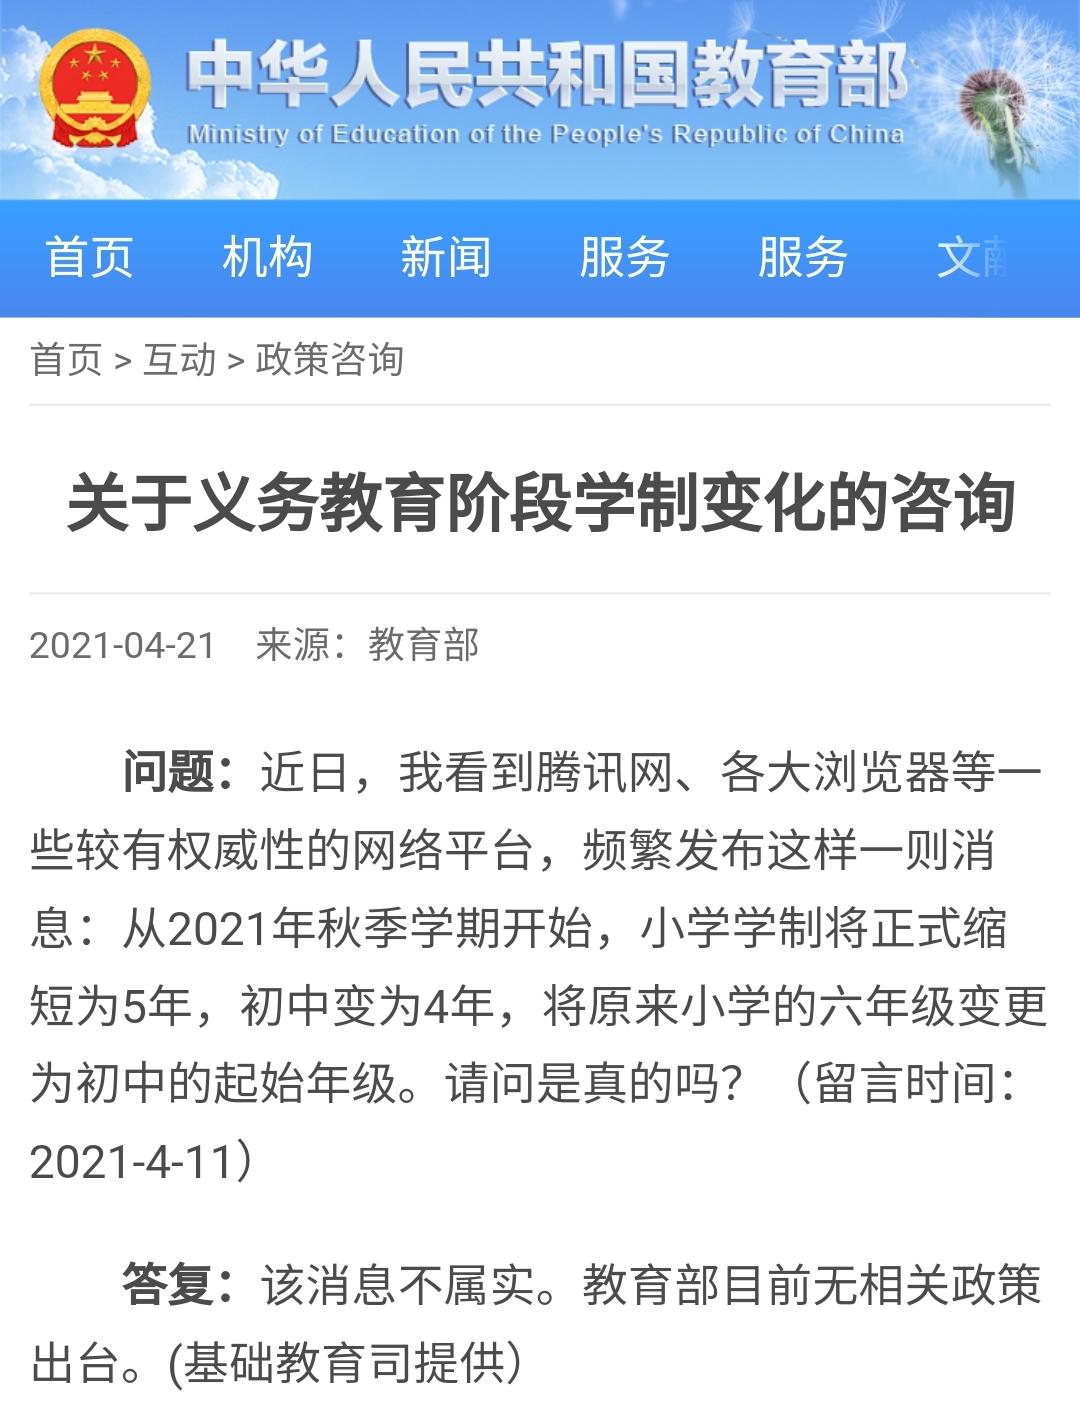 小学制度是否从6年改为5年,初中改为4年?教育部驳斥谣言